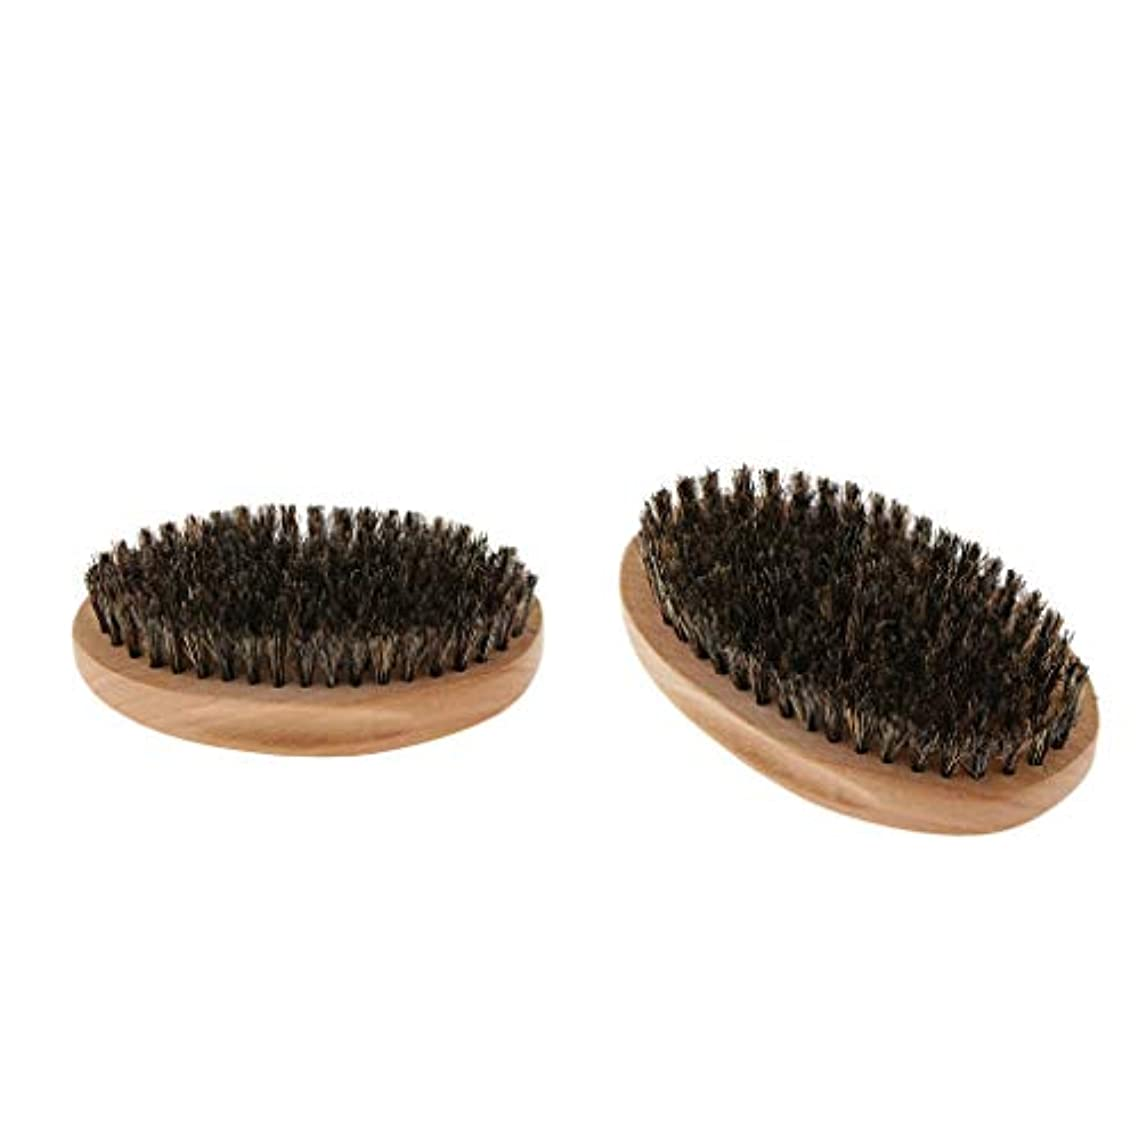 けがをする独立したインタフェースひげブラシ 剛毛ブラシ 楕円形 ヘアスタイリングブラシ 約12 x 6.5 x 3.2 cm